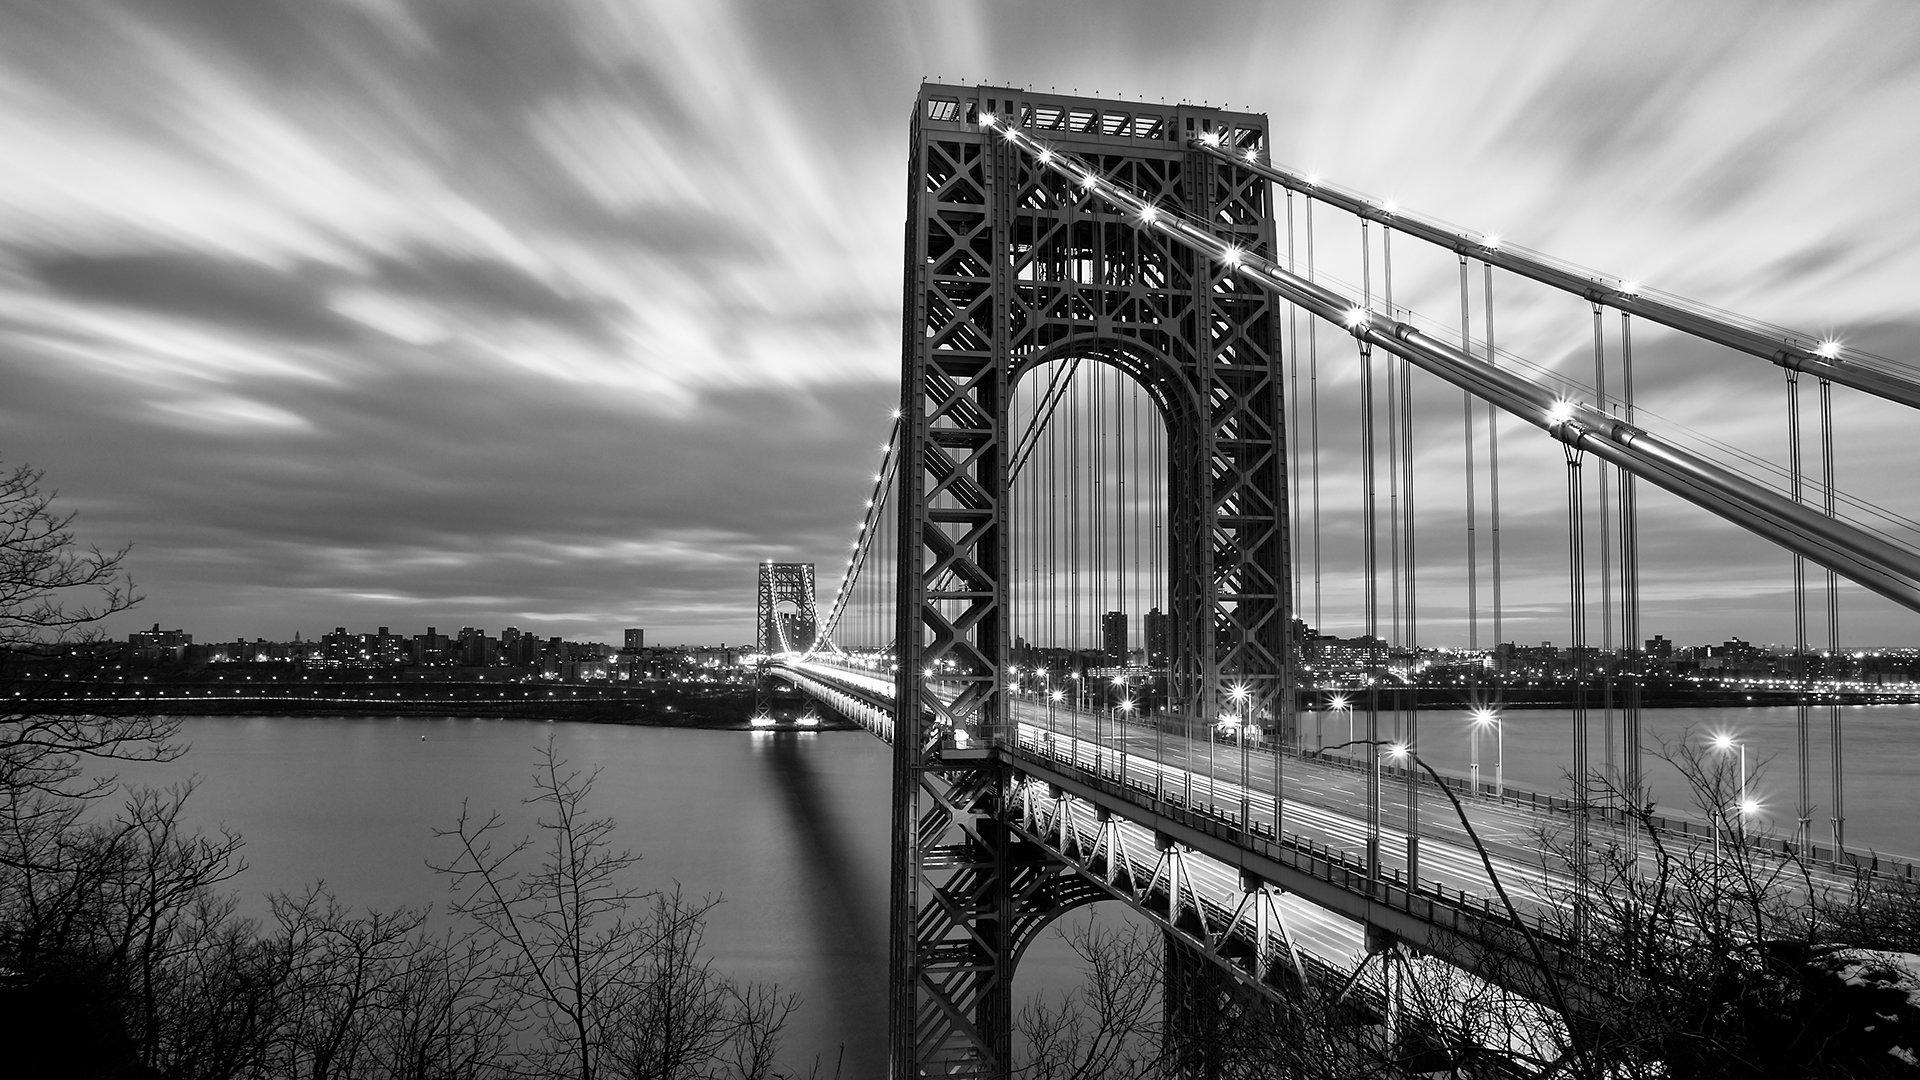 George Washington Köprüsü